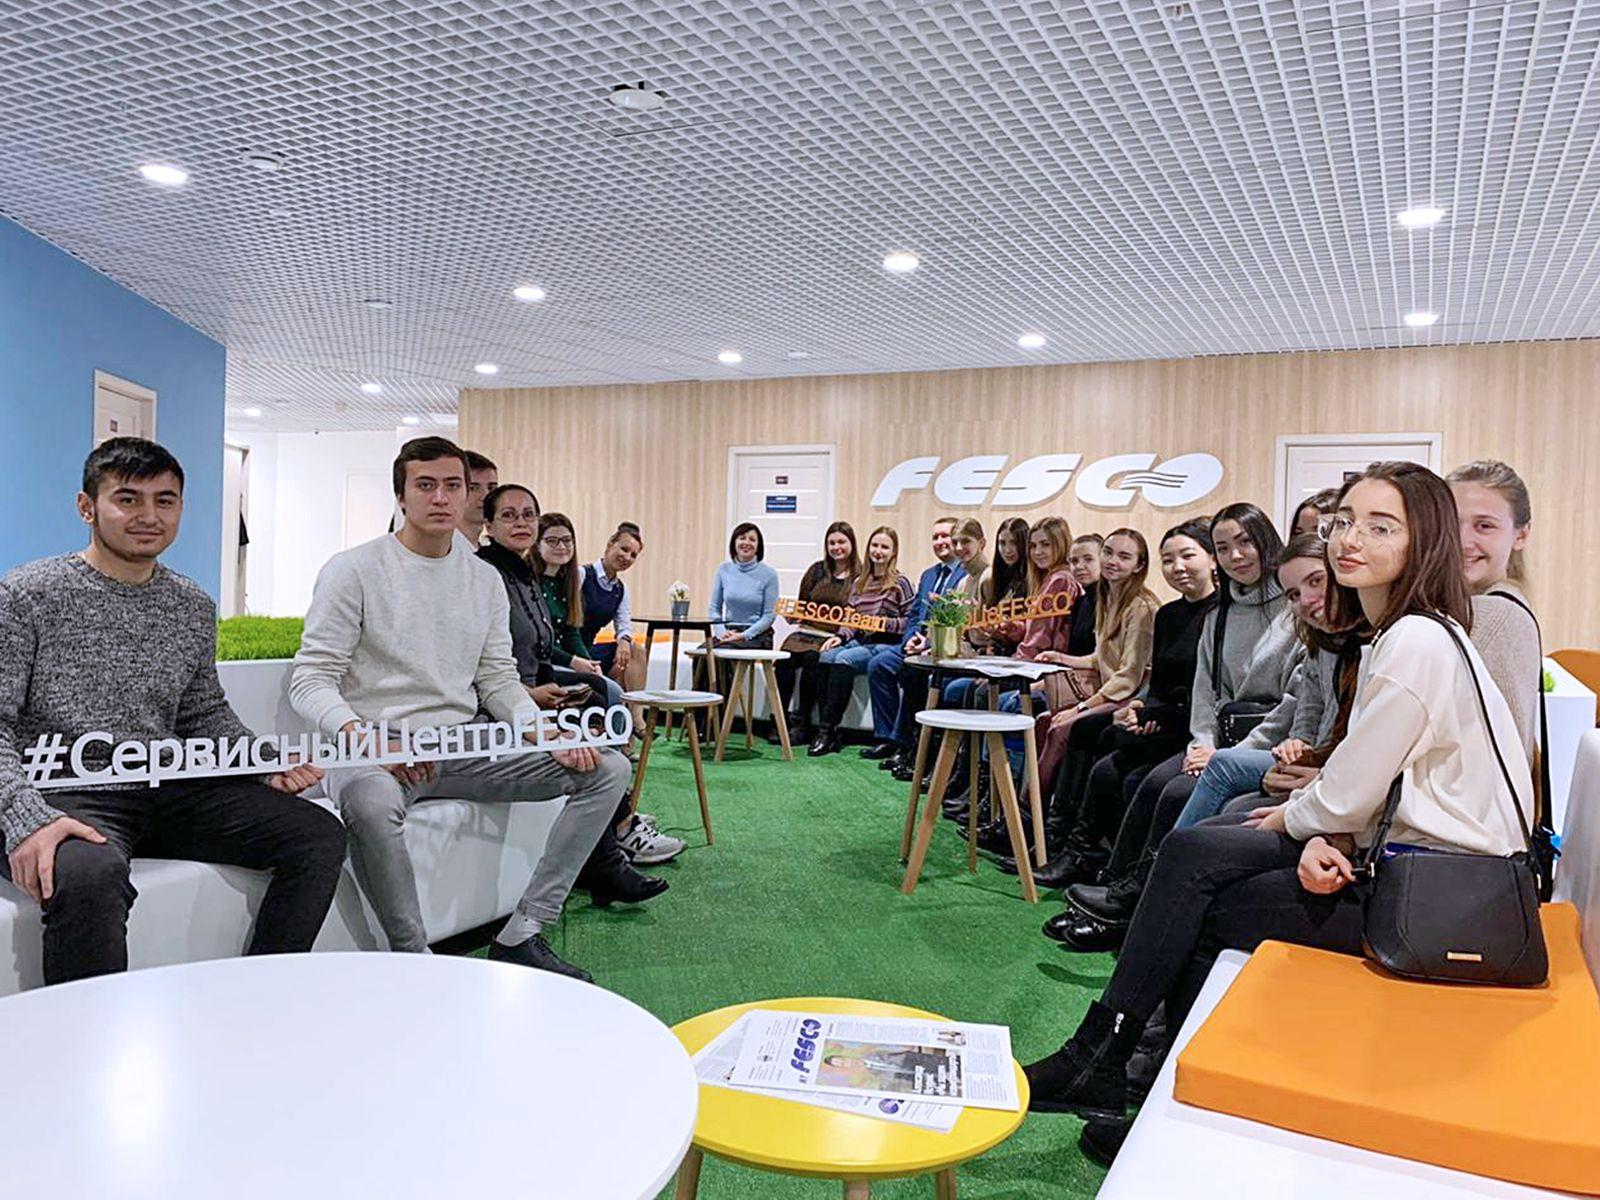 «Сервисный центр ФЕСКО» — новая площадка для прохождения практики студентов ВГУЭС